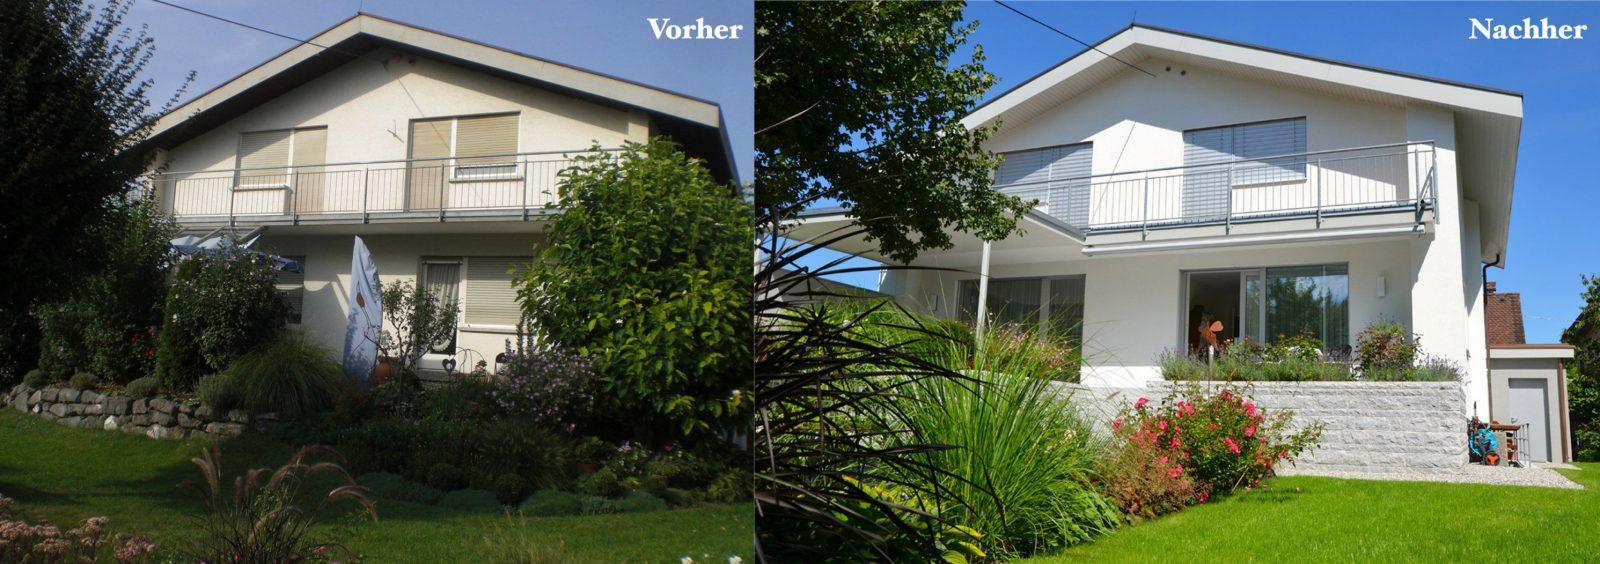 Verwunderlich Haus Renovieren Vorher Nachher Awesome Altes Haus von Häuser Renovieren Vorher Nachher Bild